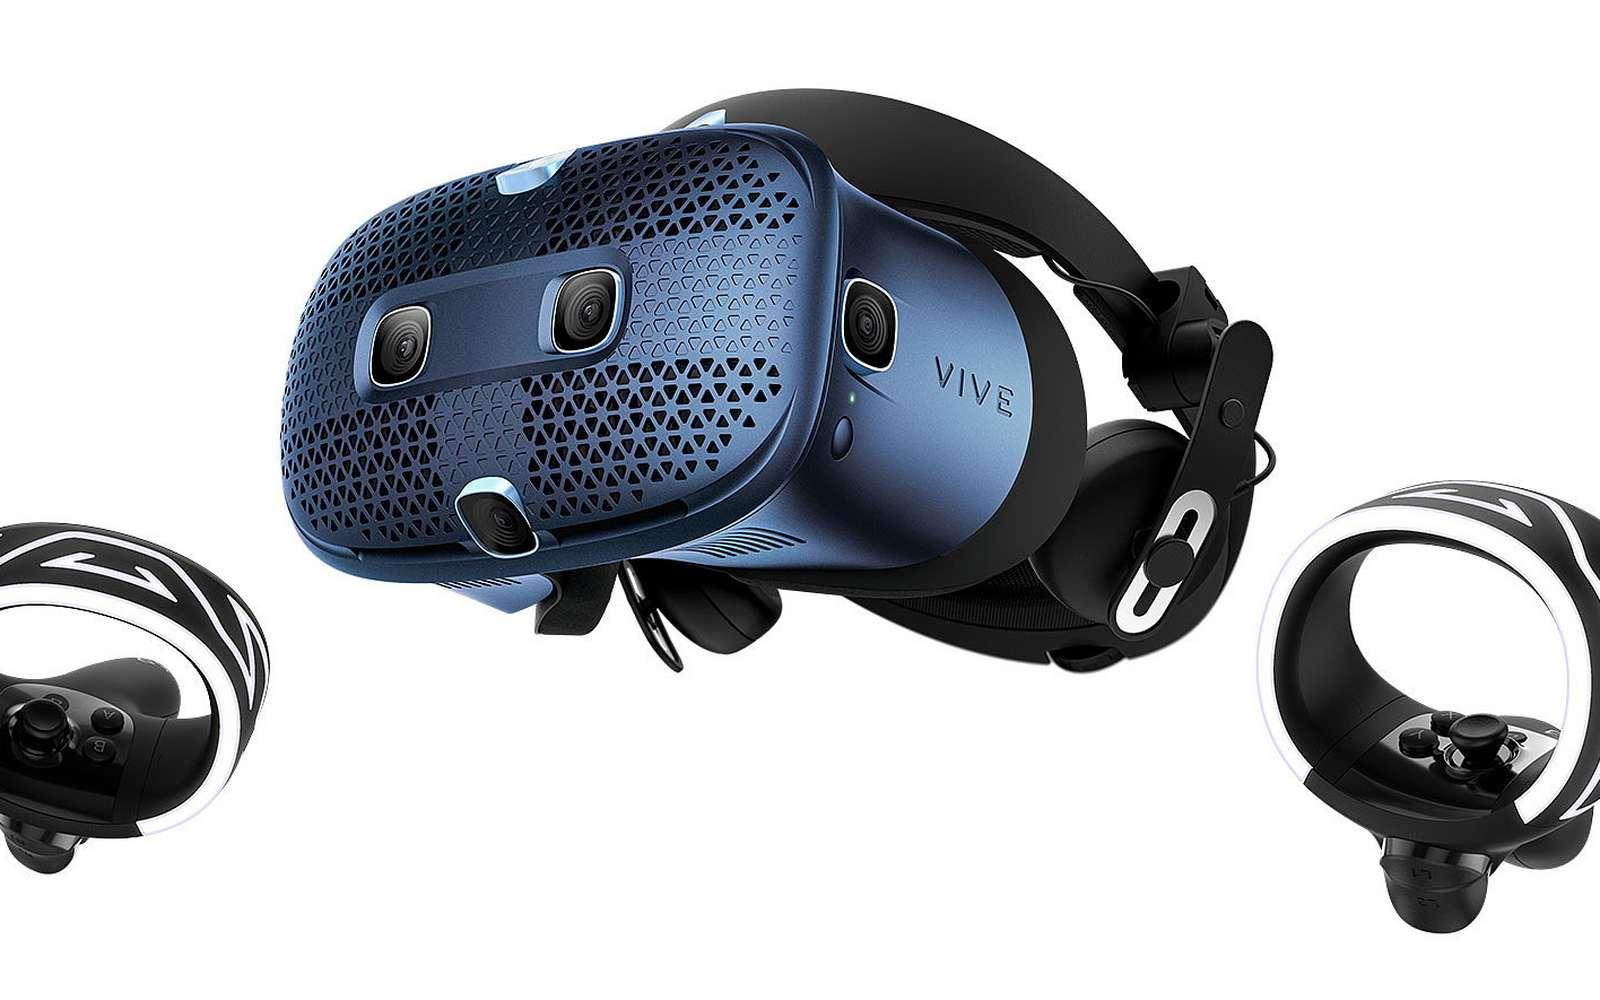 Le casque HTC Vive Cosmos est modulable et peut également devenir le Vive Elite. © HTC